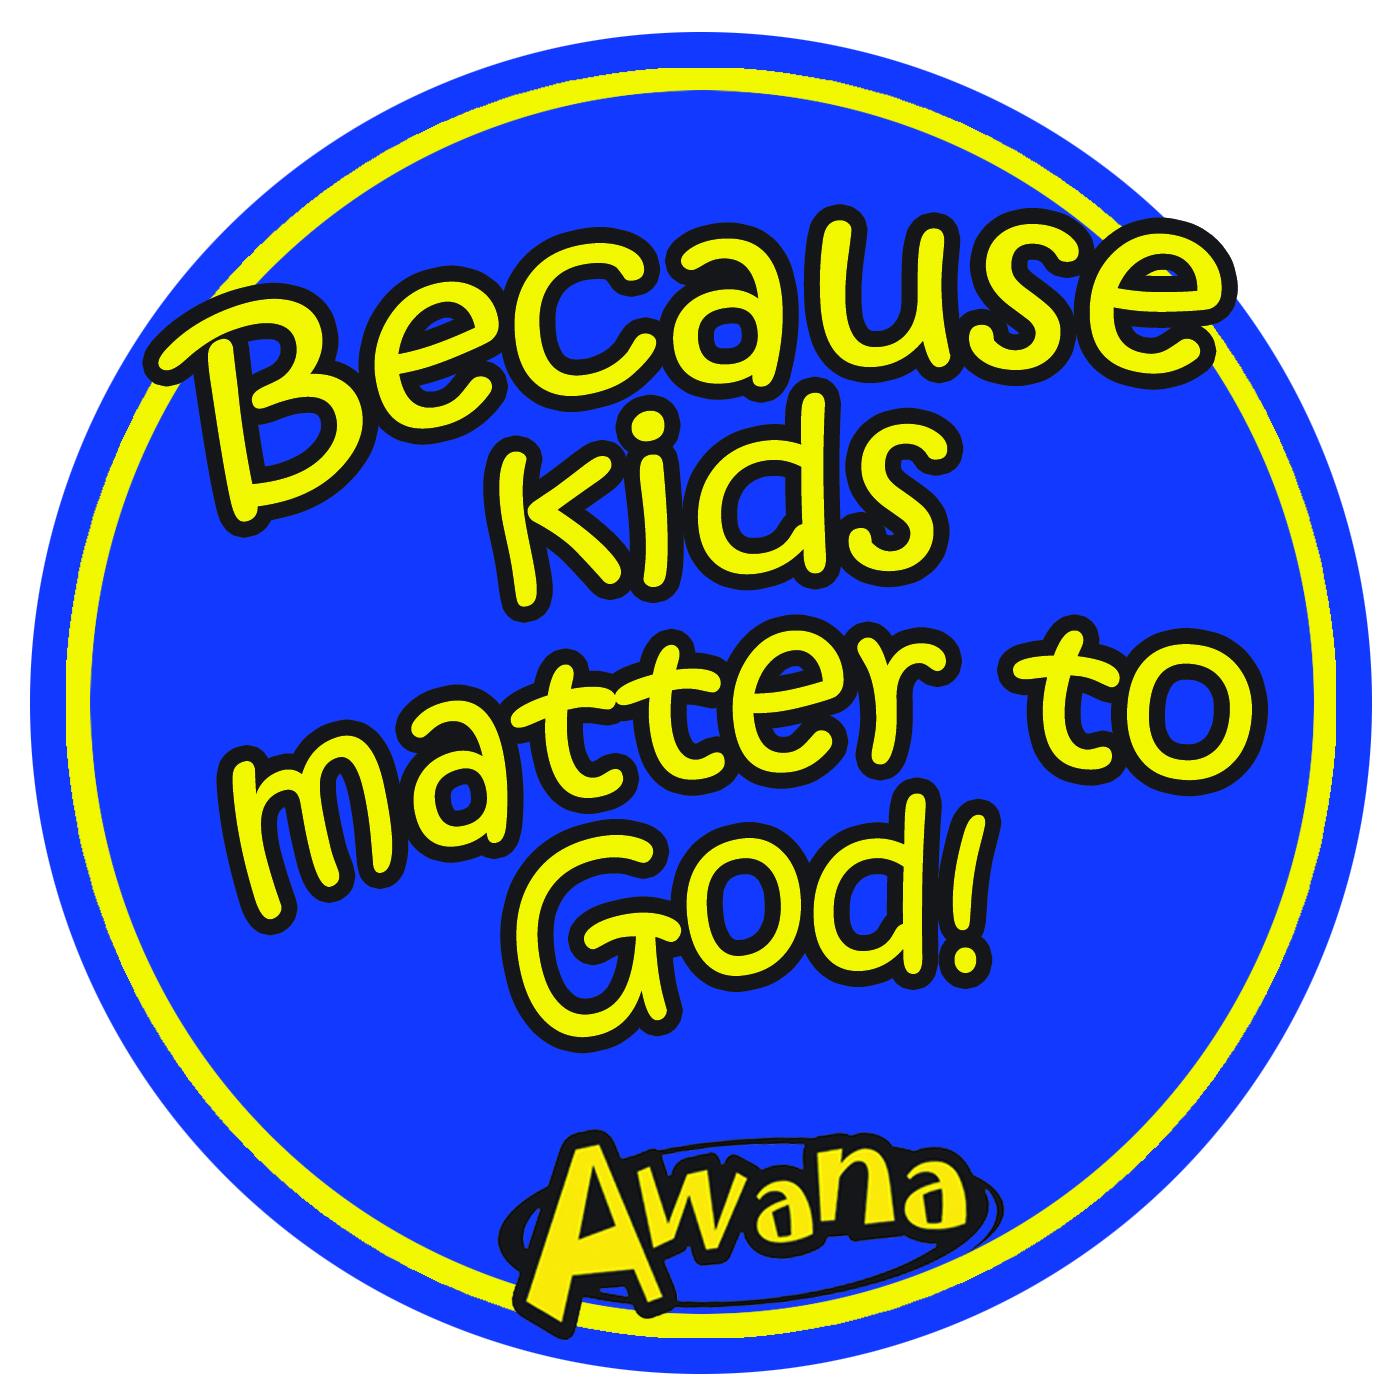 Awana clipart t t clip art freeuse stock Gallery For > Awana TT Clipart Boys clip art freeuse stock